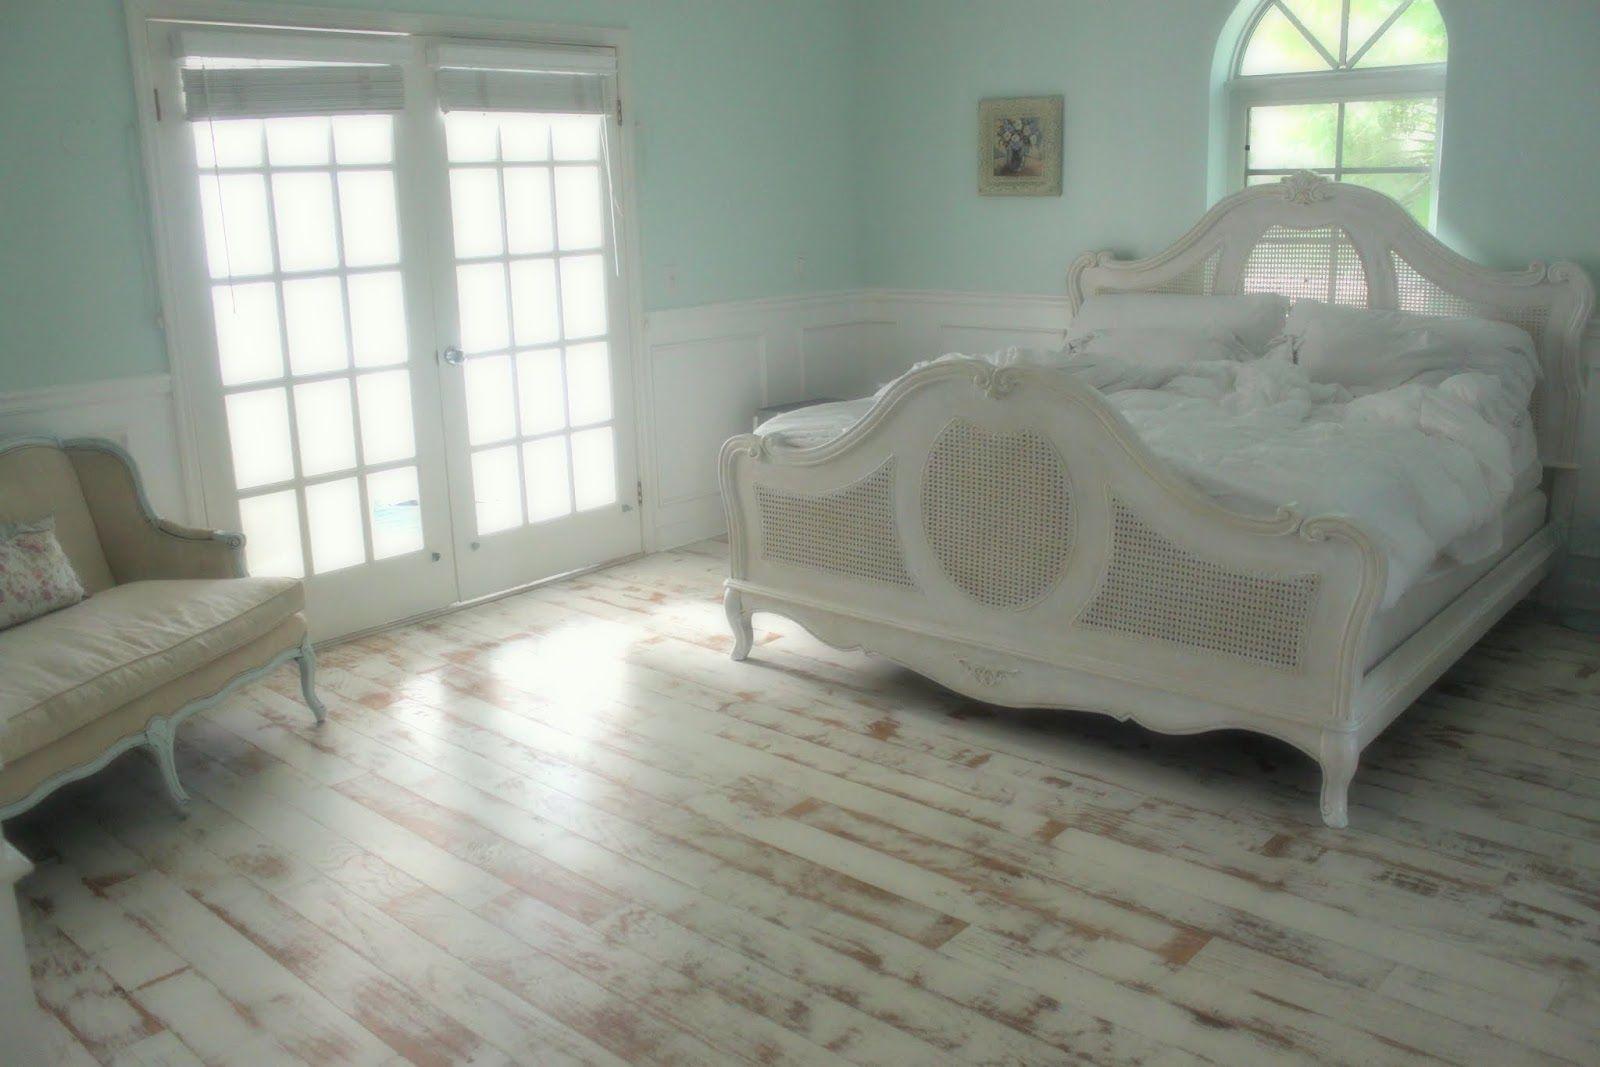 Hardwood Flooring Distressed White Painted Wood Floor Painted Wood Floors Image Painted White Painted Wood Floors Painted Wood Floors Painted Hardwood Floors